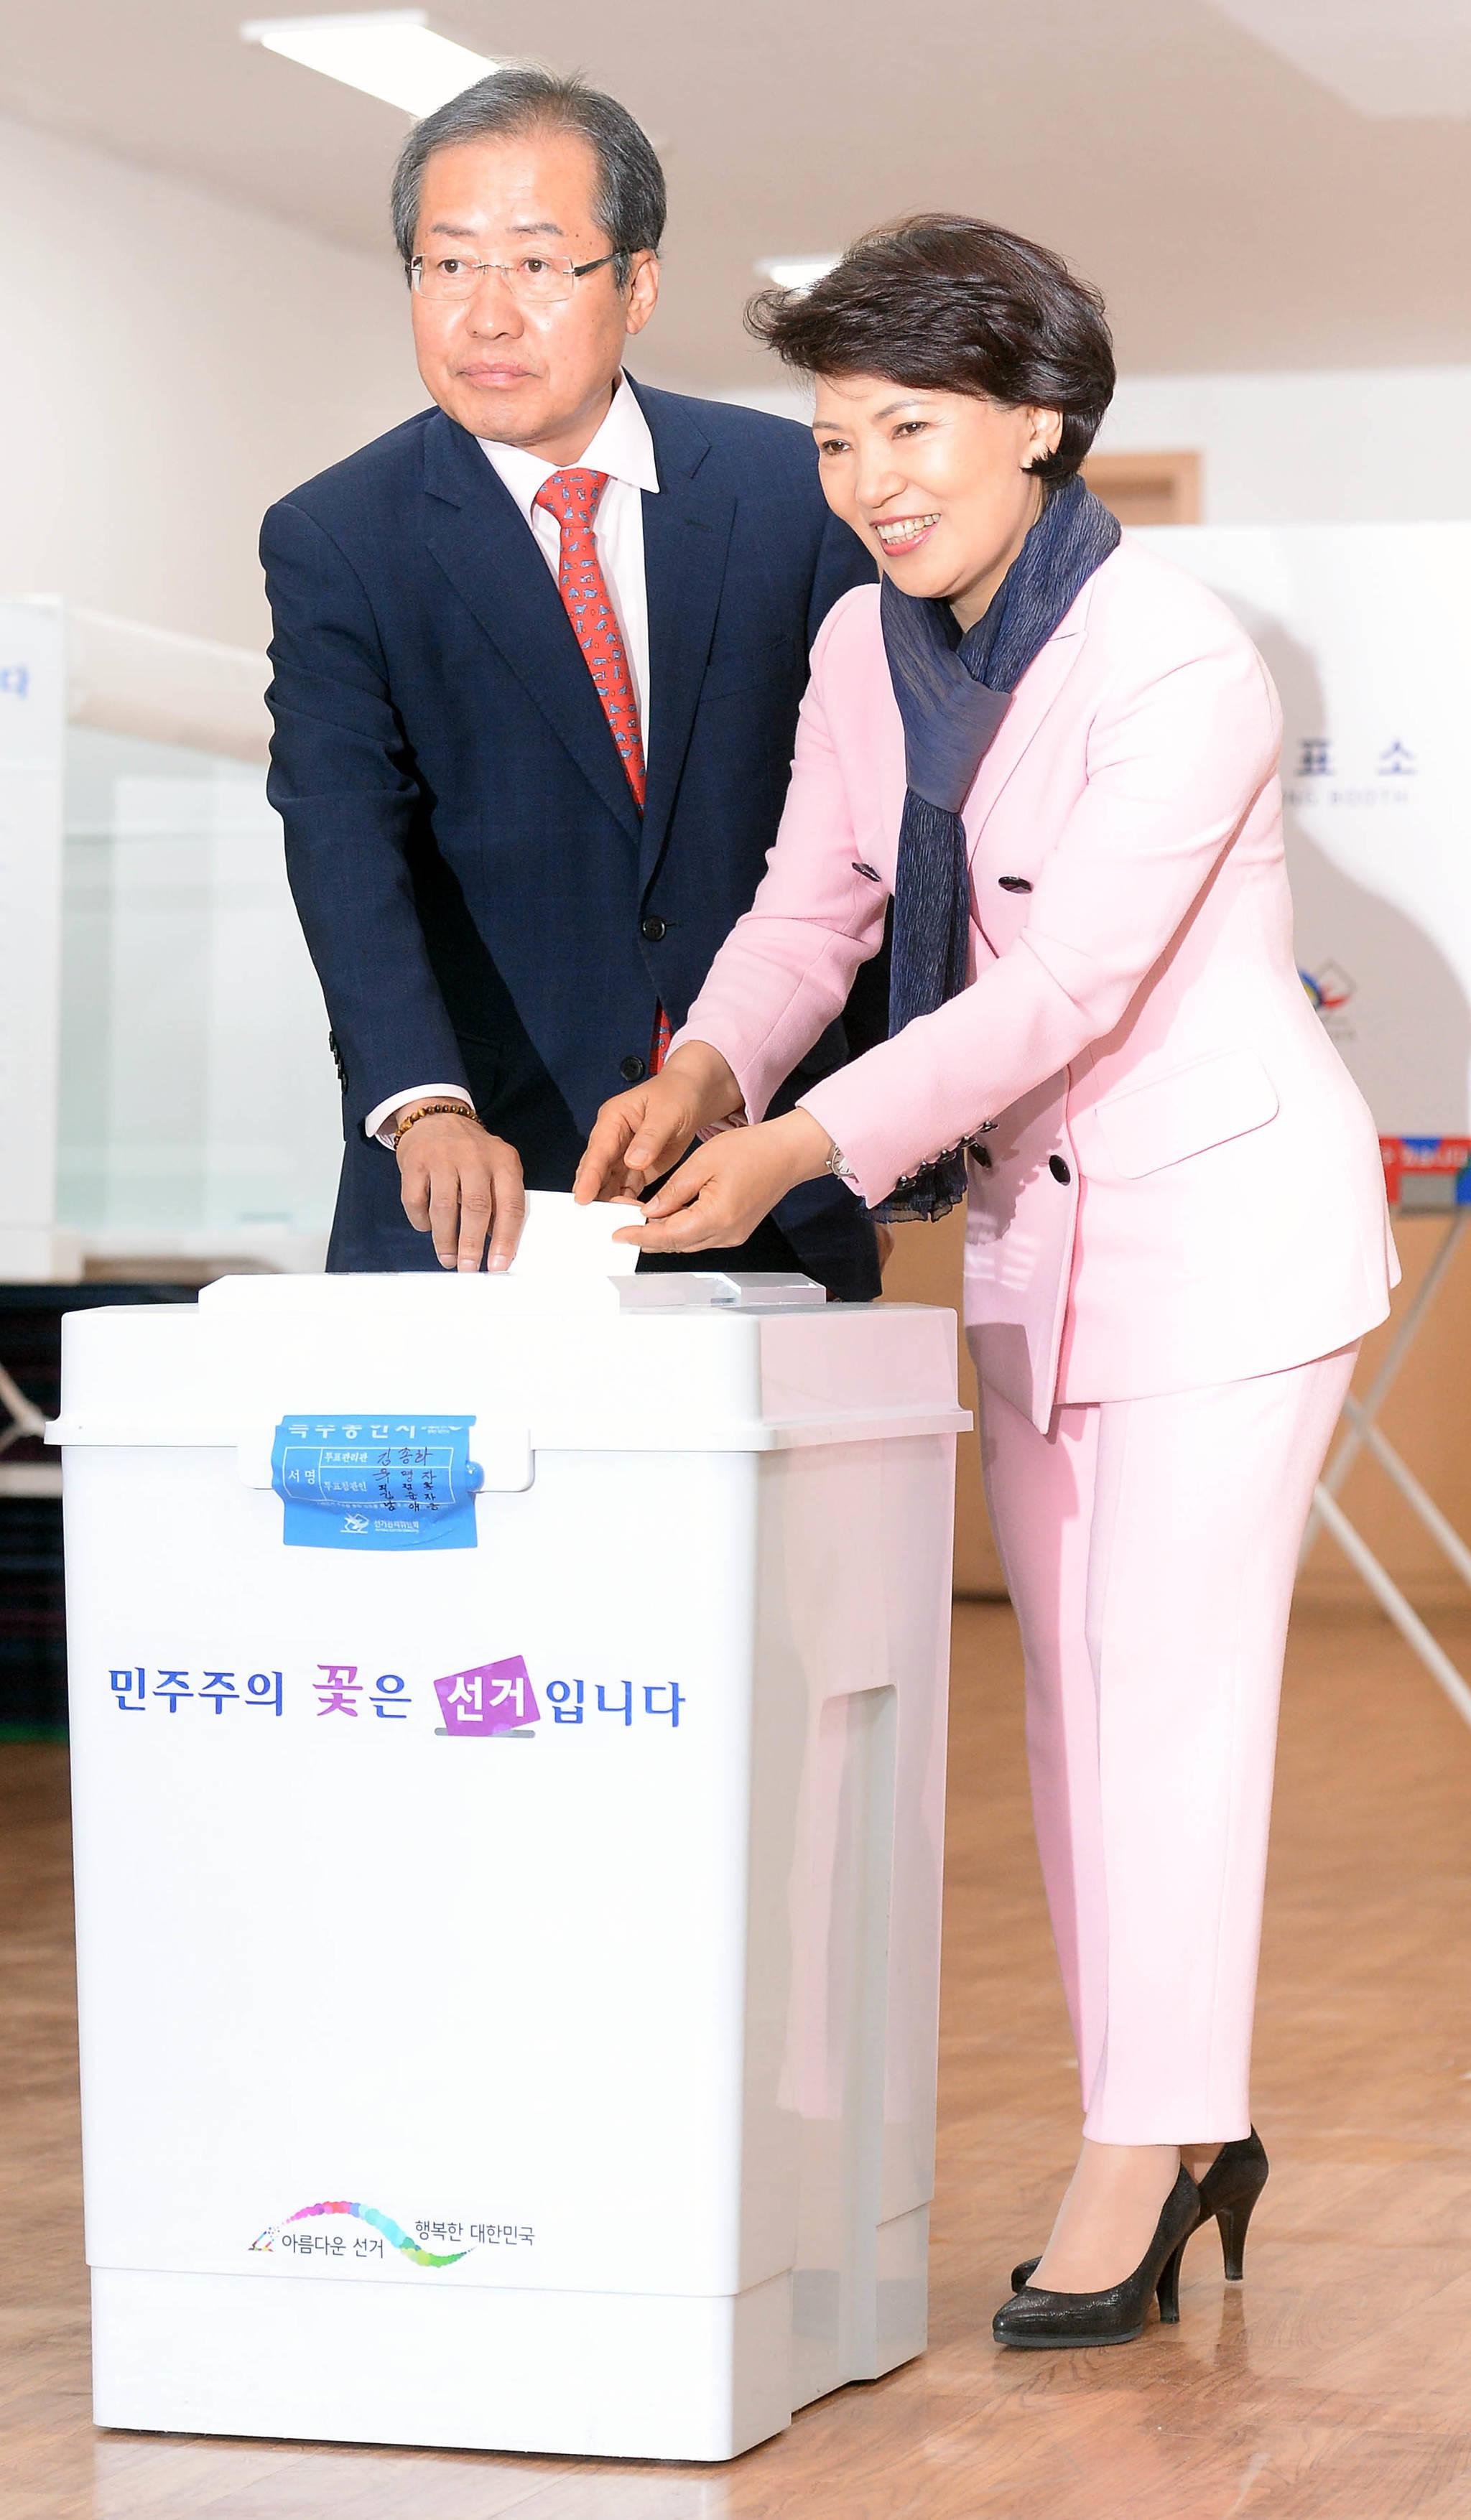 홍준표 자유한국당 후보가 9일 서울 잠실7동 송파문화원 투표소에서 부인 이순삼 씨와 함께 투표했다.강정현 기자